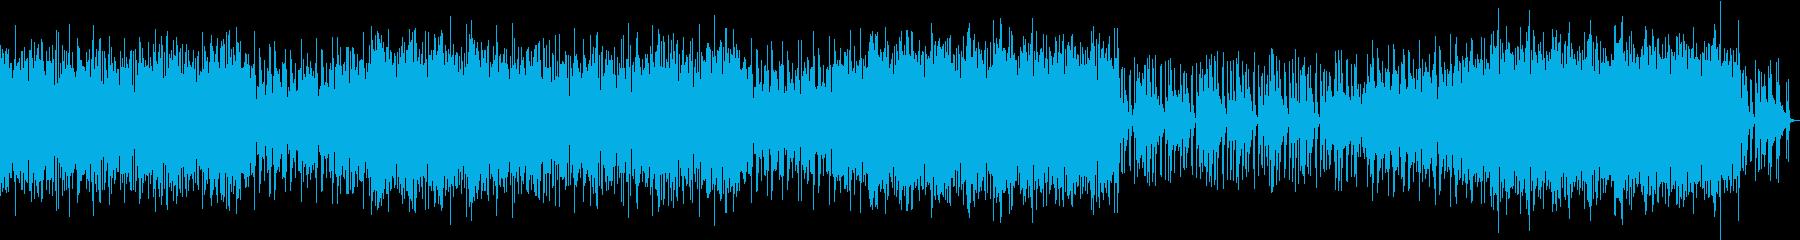 ウクレレとメロディカやリコーダーで明るくの再生済みの波形